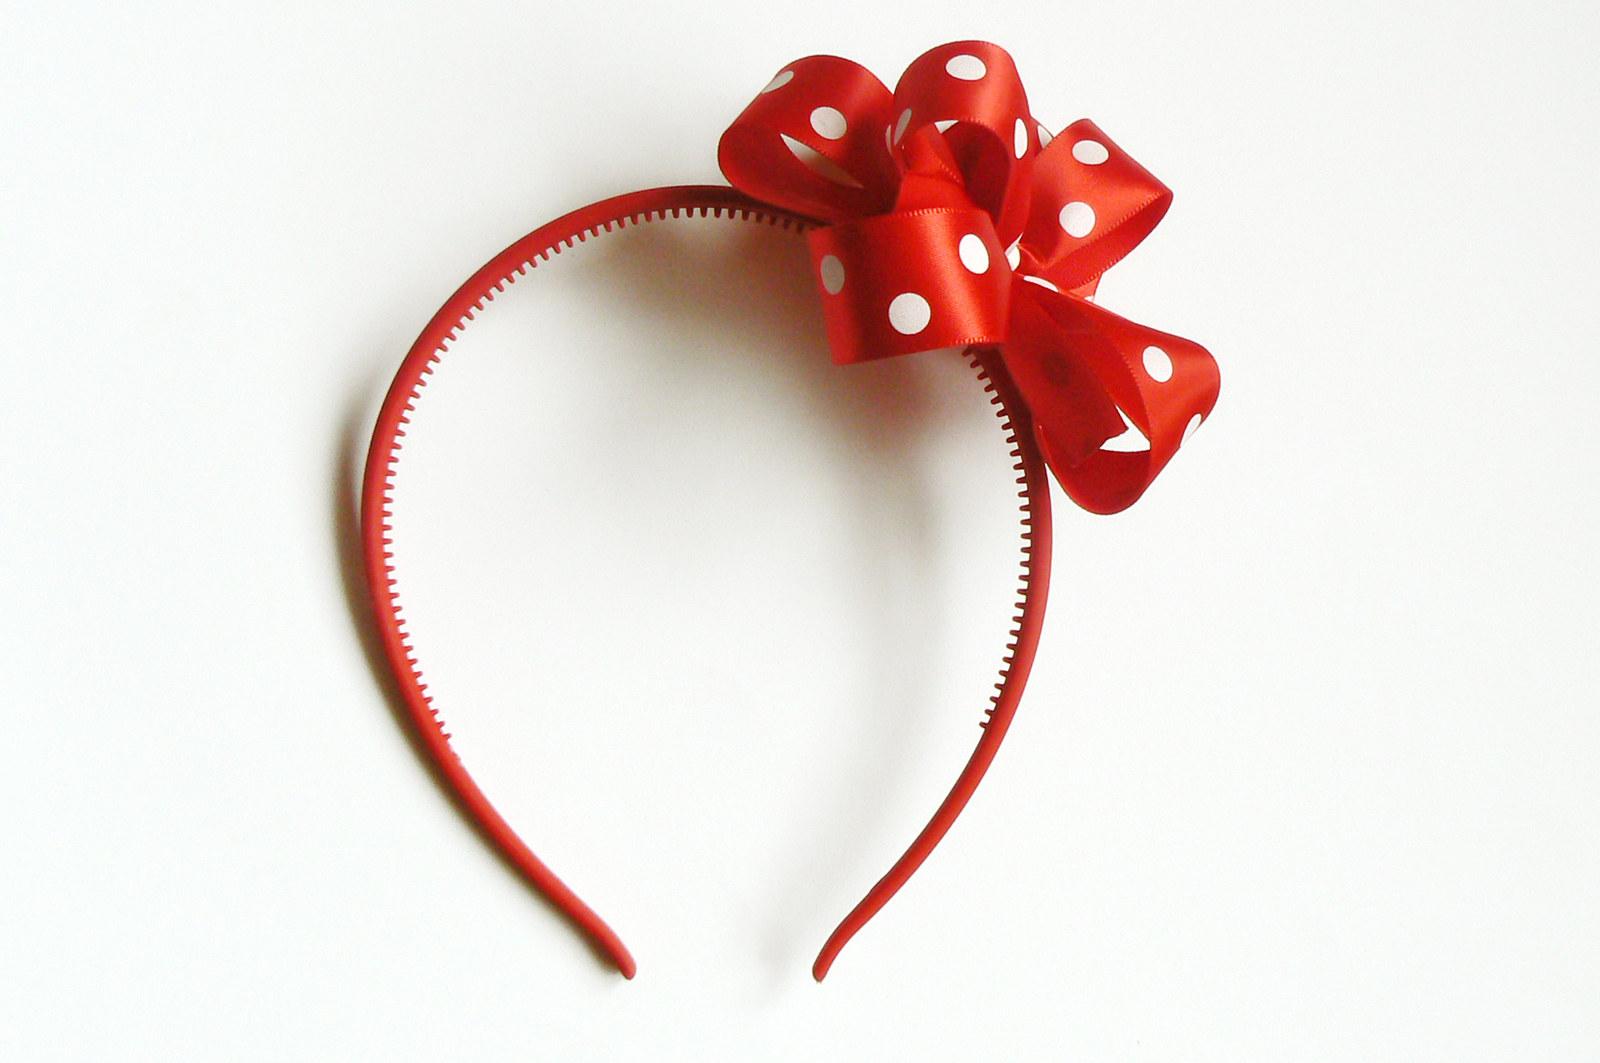 0c016e8304d Červená čelenka do vlasů s ozdobnou červenou mašlí s bílými puntíky. Čelenka  je z měkkého plastu